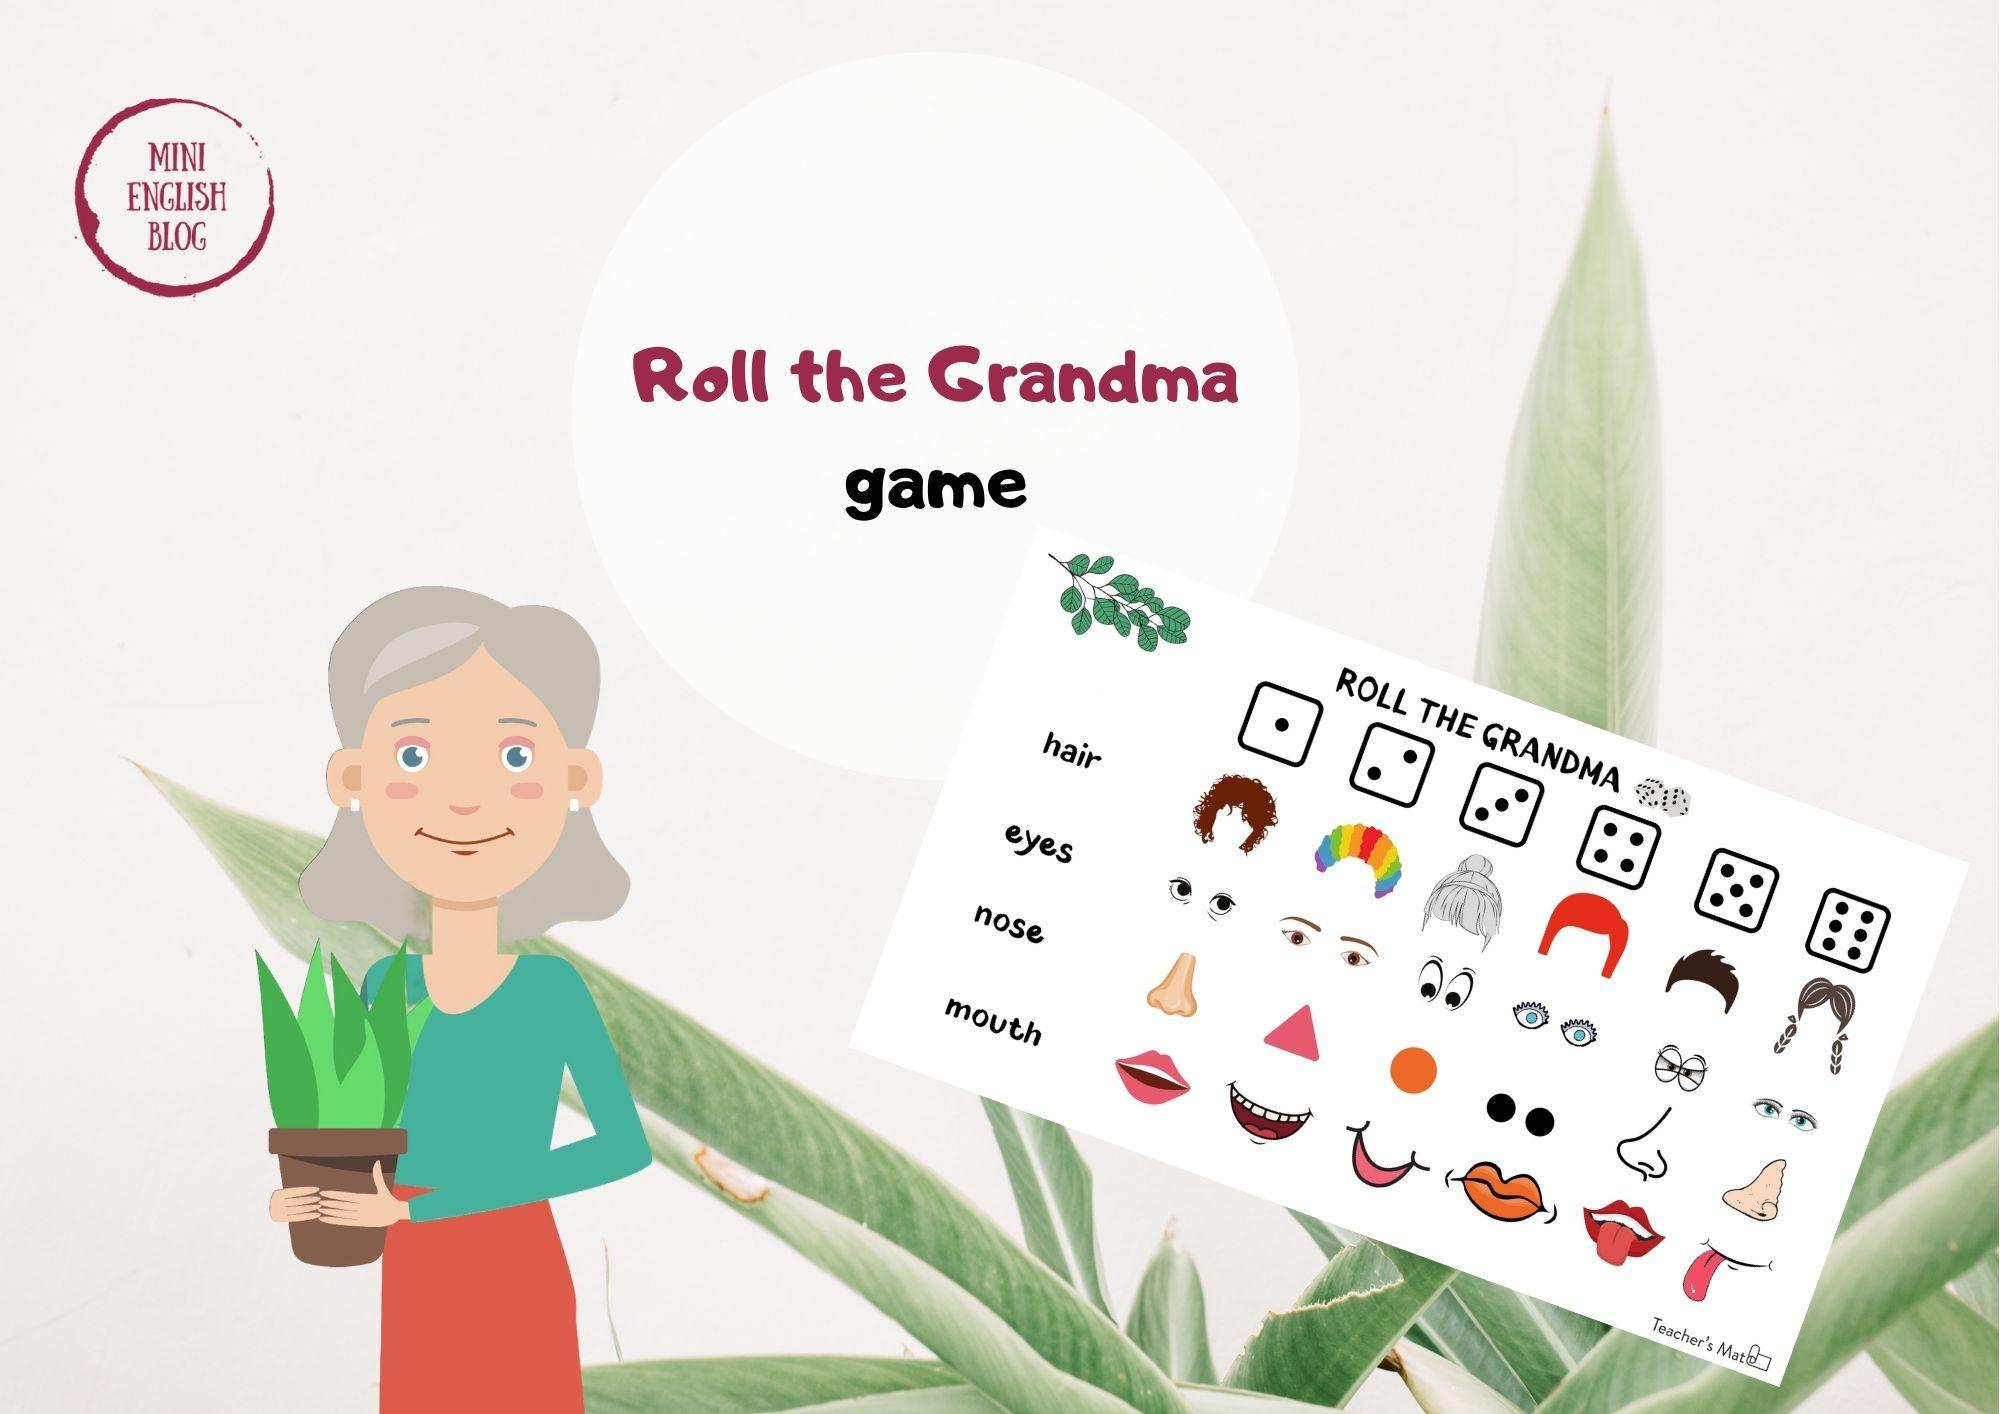 Roll the Grandma - game